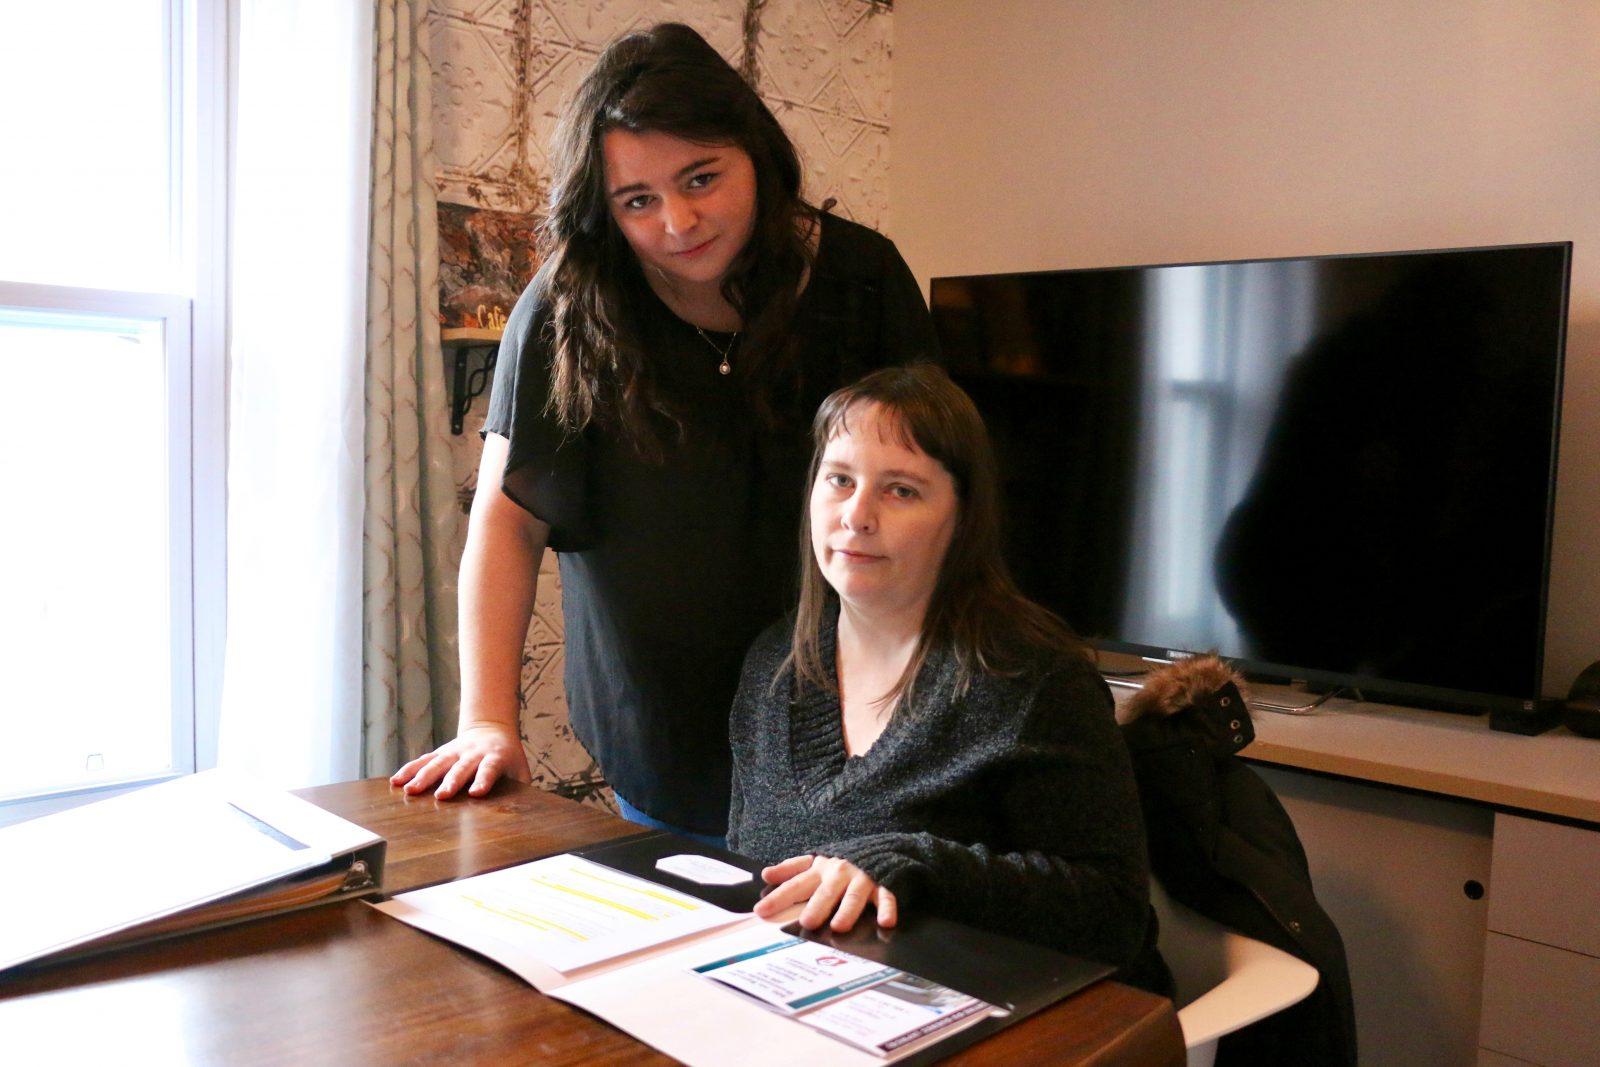 Logement : discrimination pour les familles, selon Action location